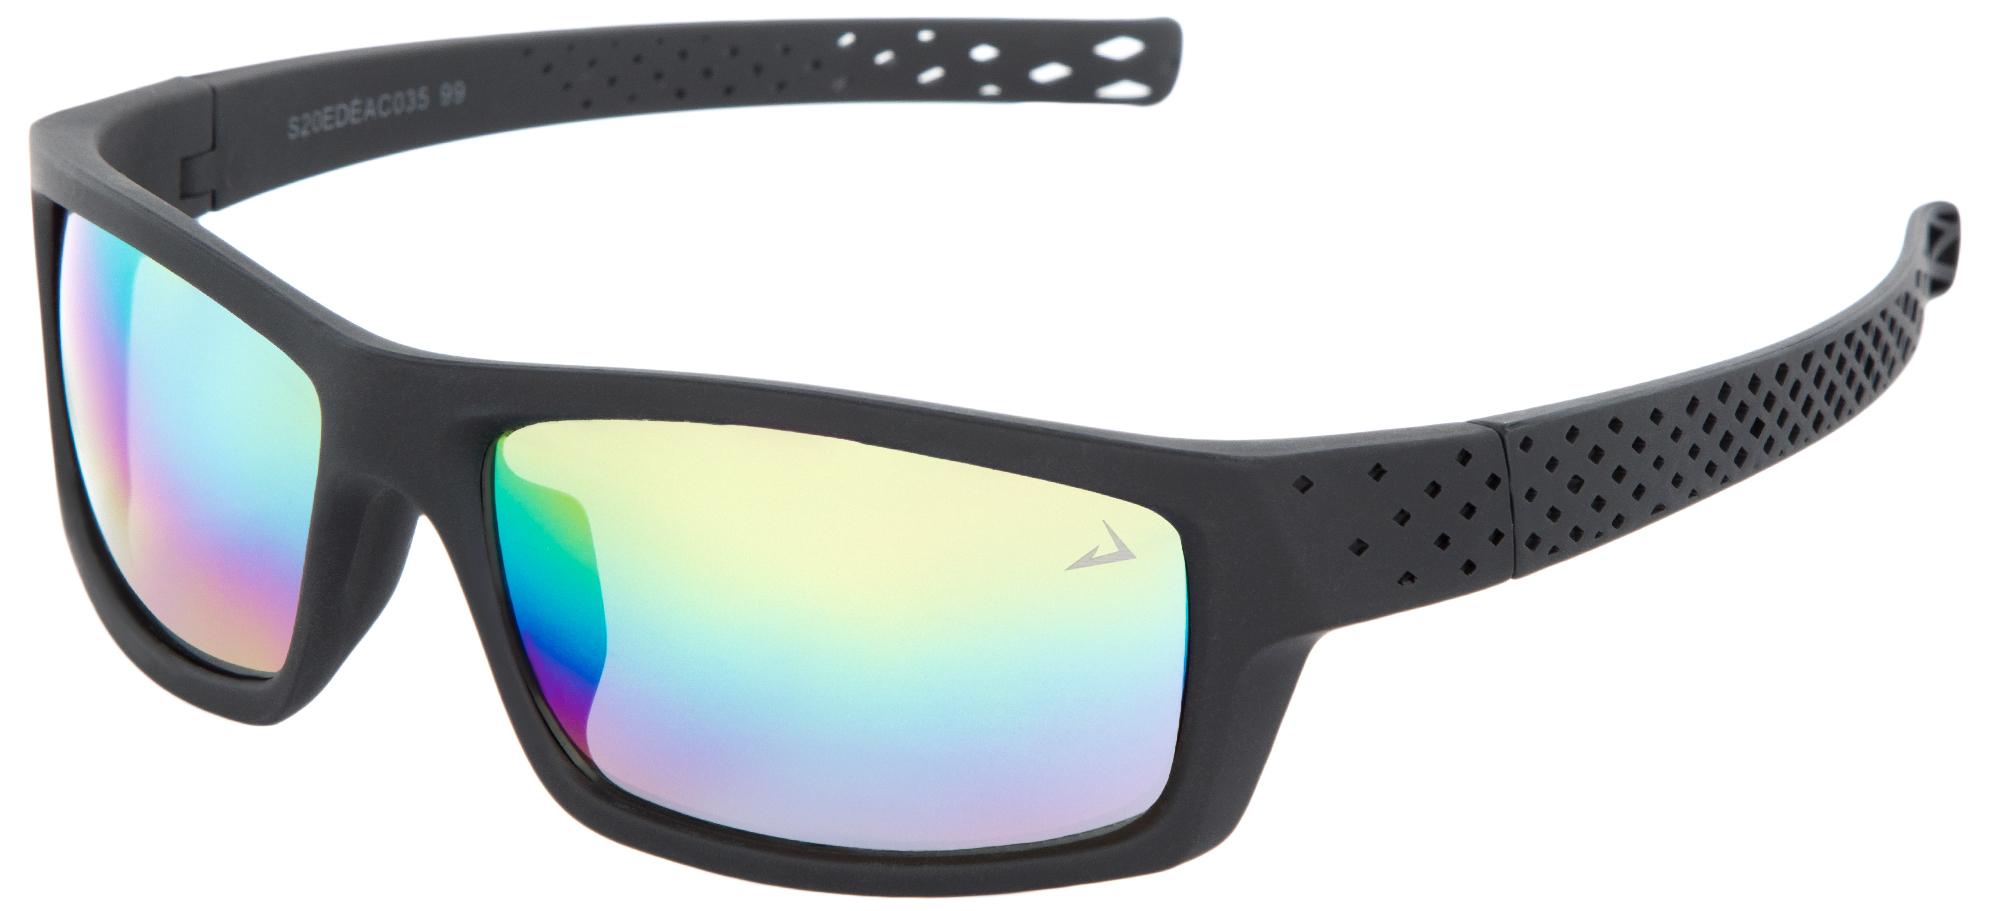 Фото - Demix Солнцезащитные очки детские Demix cолнцезащитные очки real kids детские серф оранжевые 7surnor